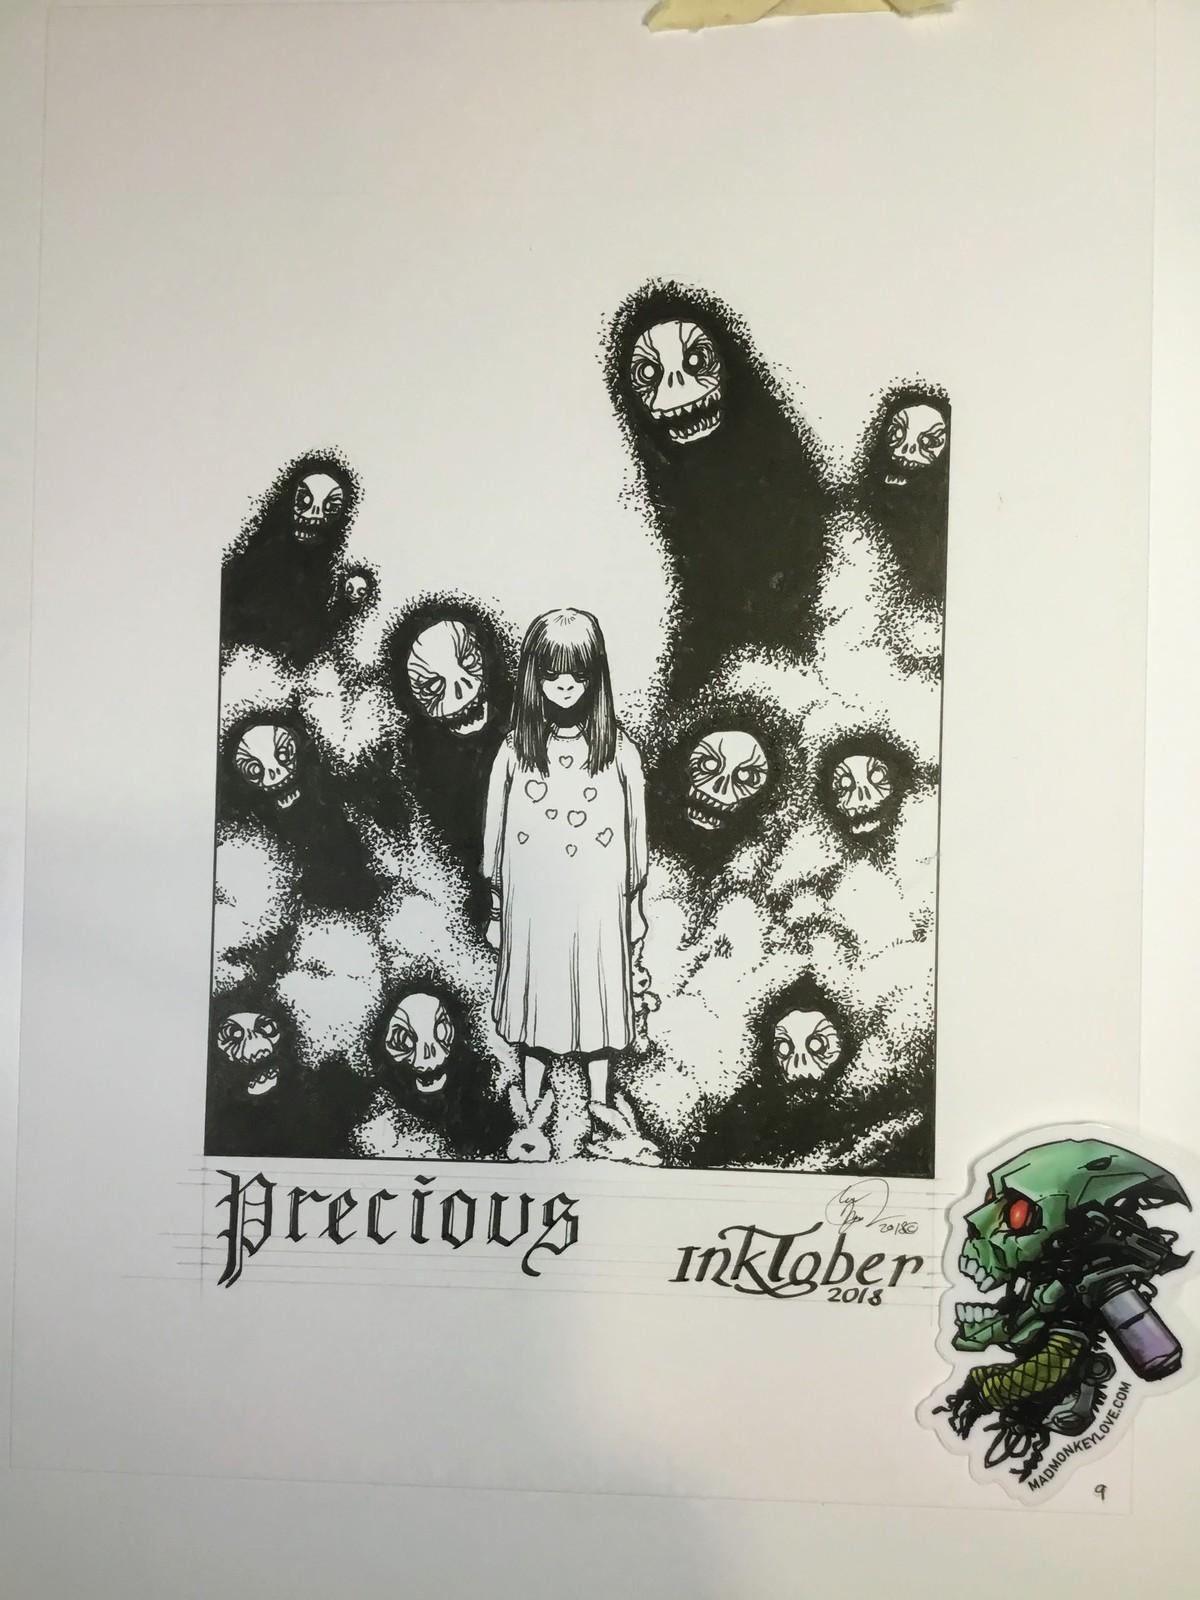 Precious - Day 09